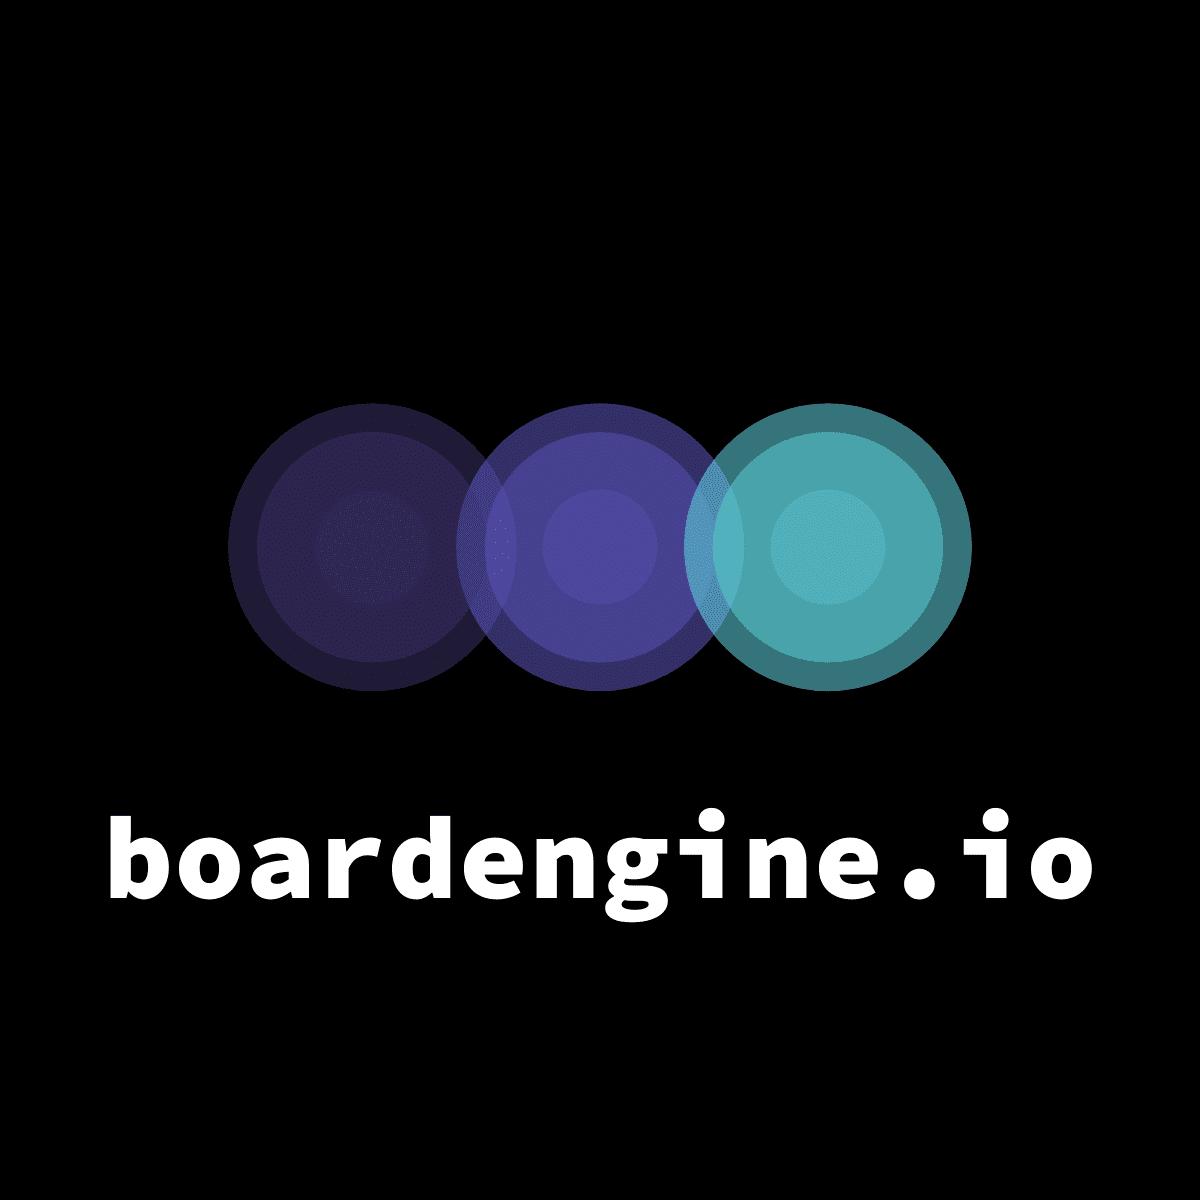 boardengine.io